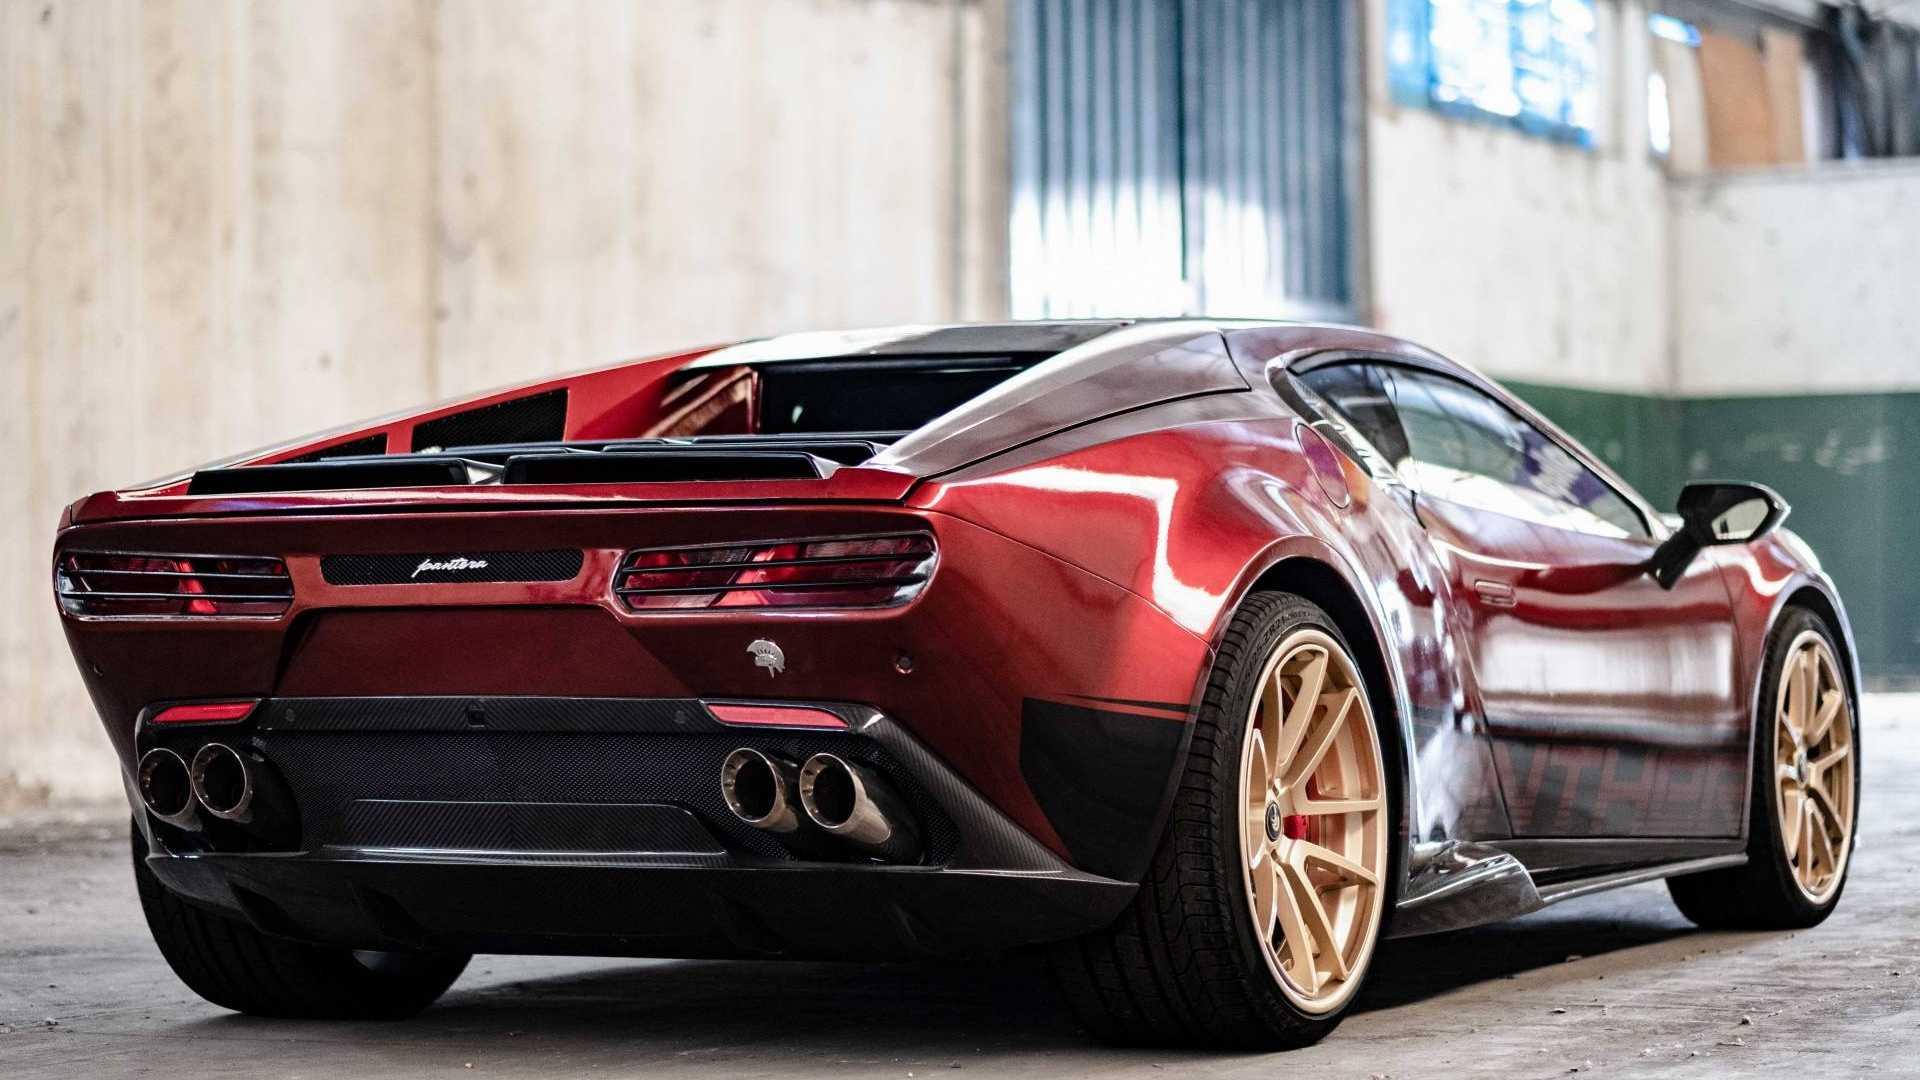 Итальянцы стилизовали LamborghiniHuracan под De Tomaso Pantera